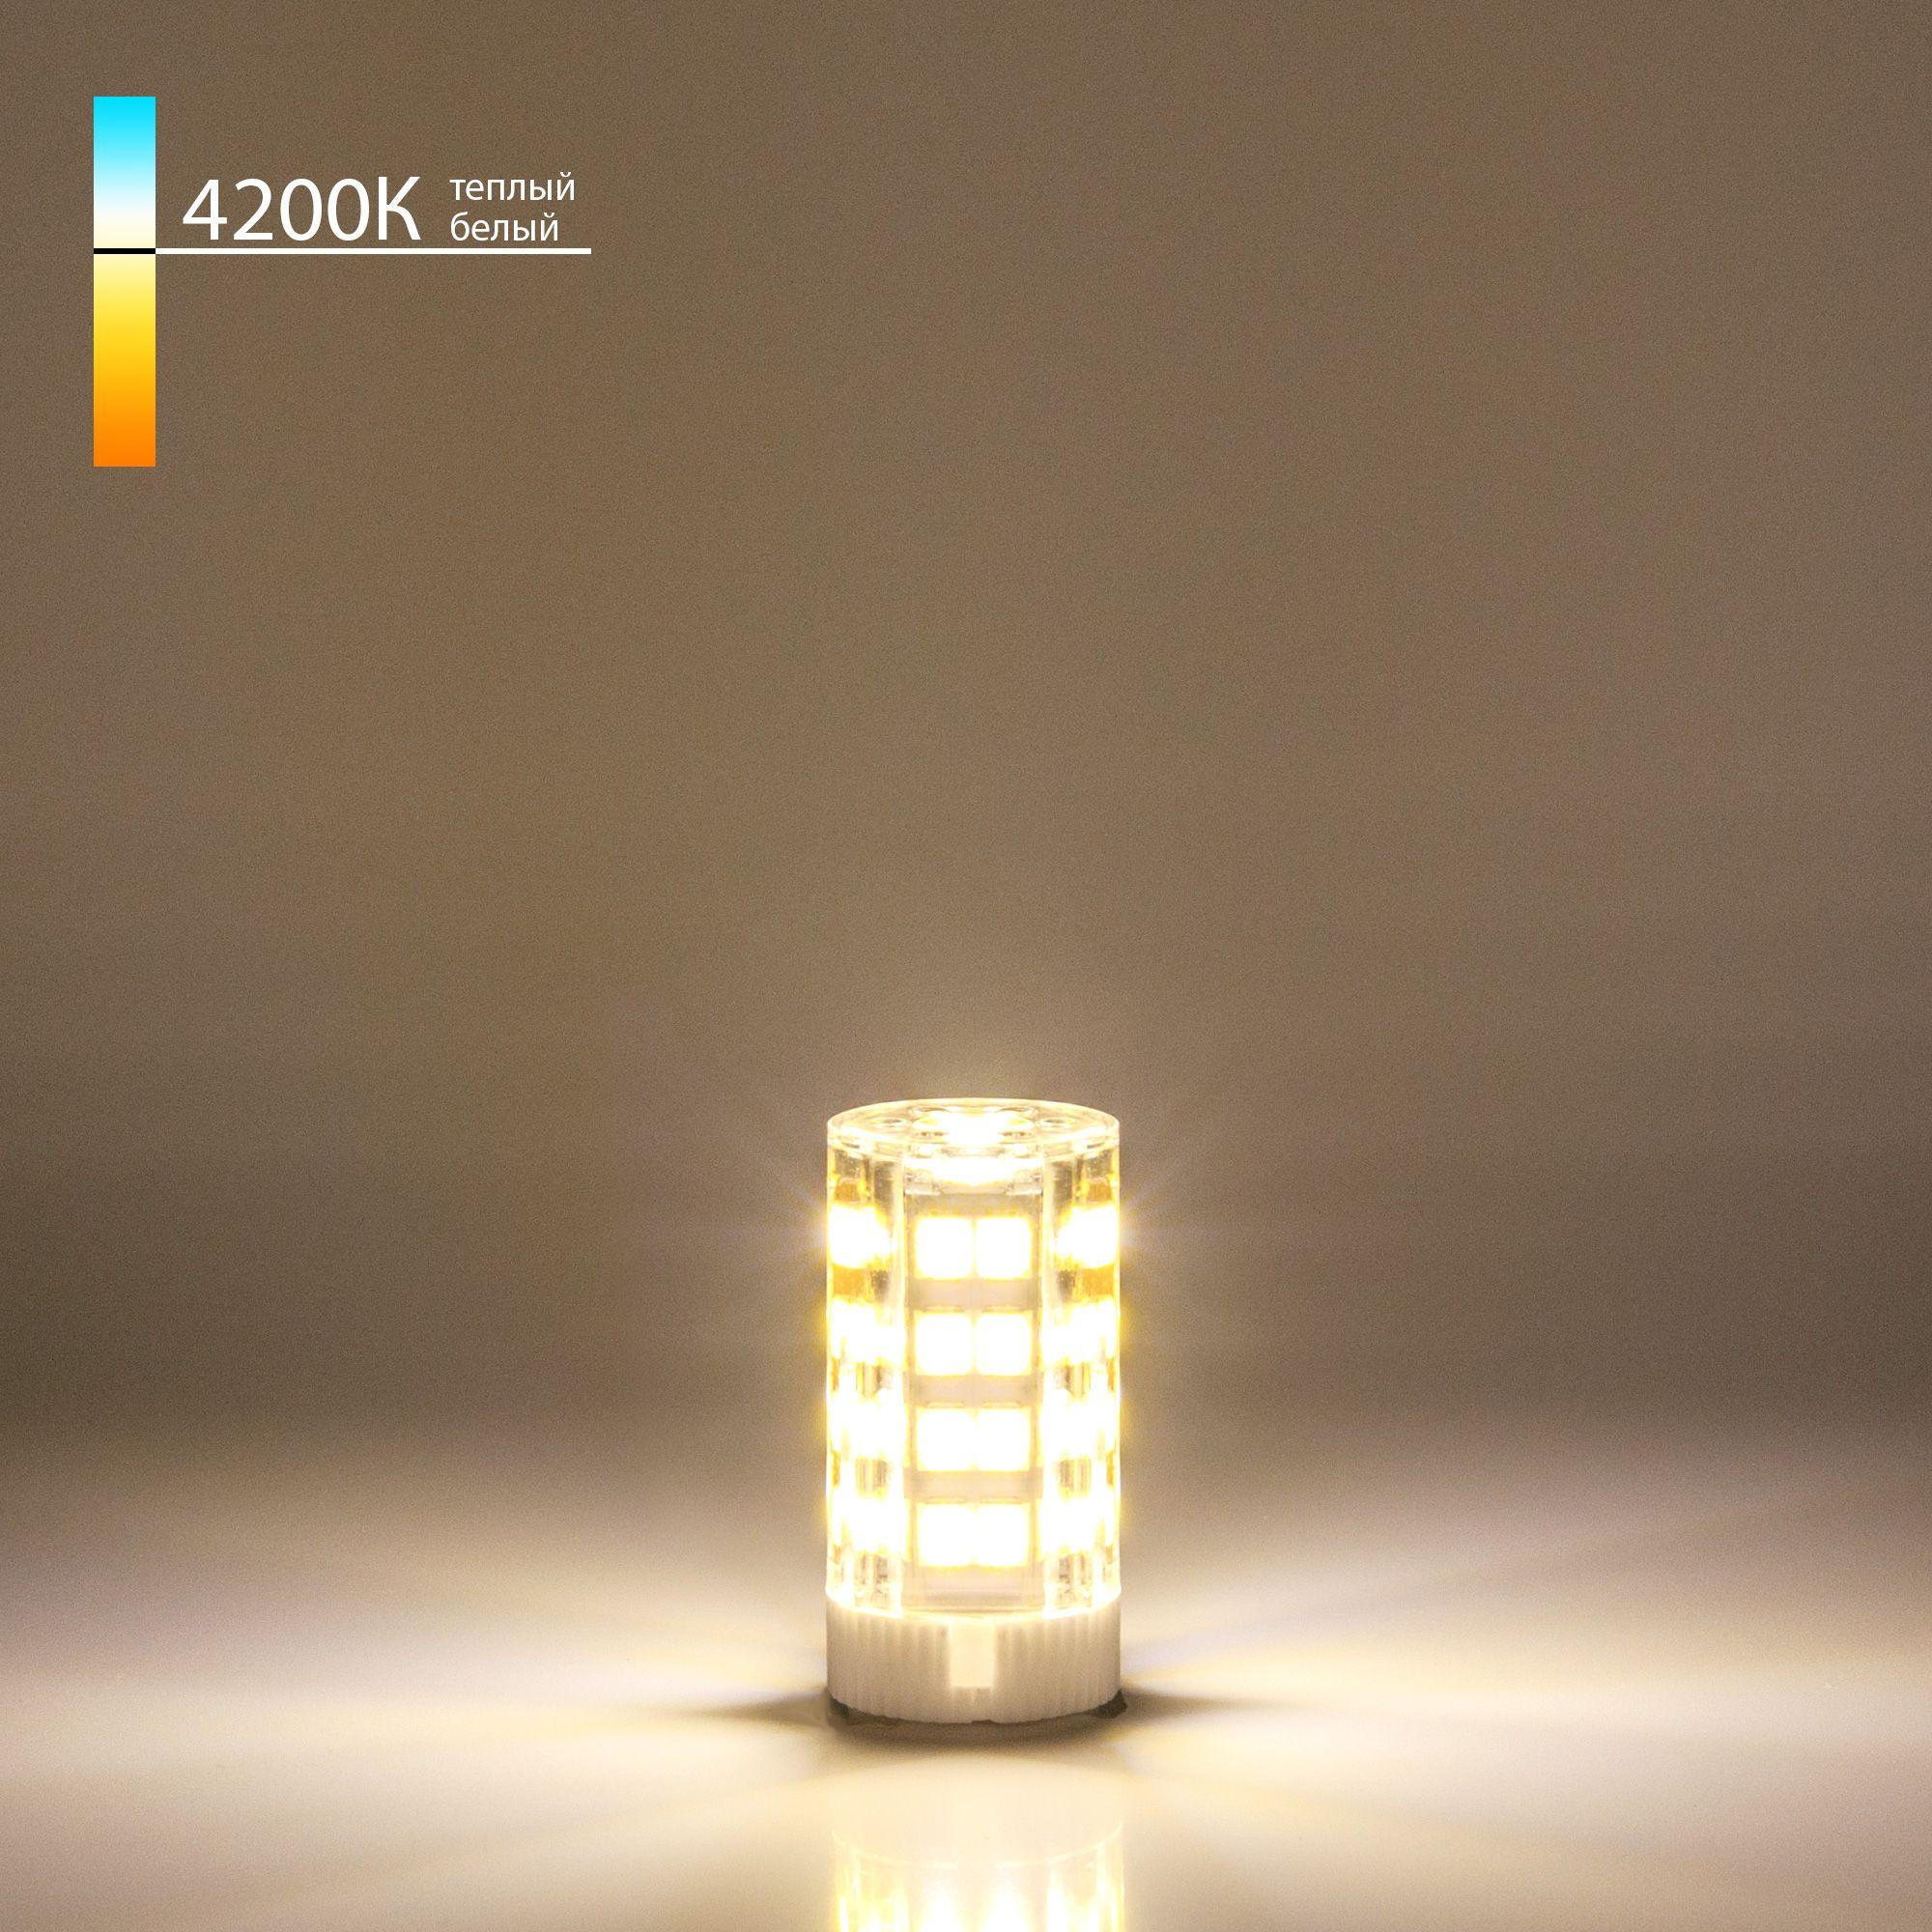 Светодиодная лампа G9 LED 7W 220V 4200K